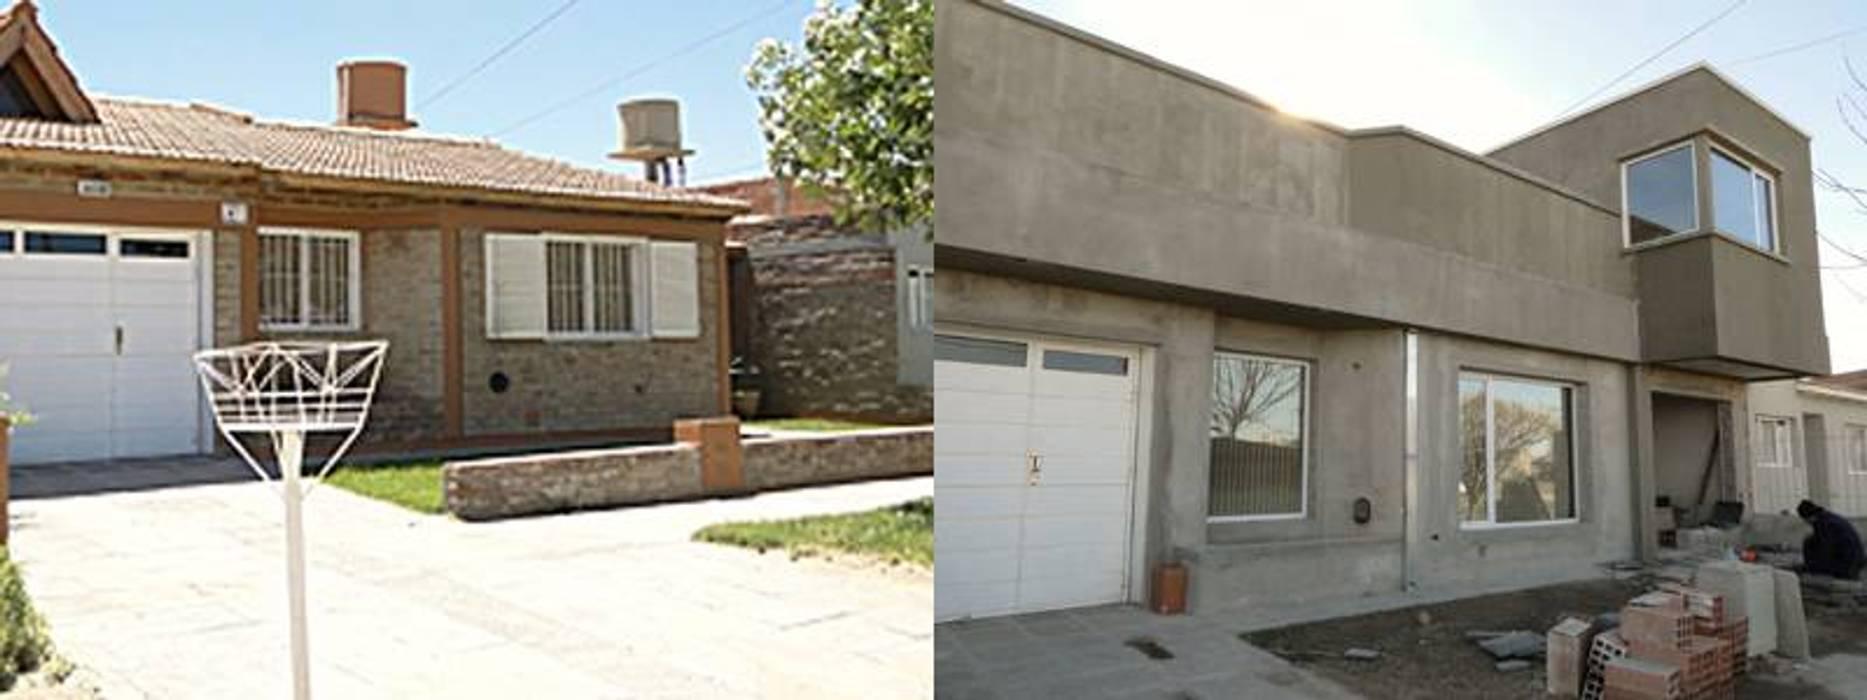 Remodelacion de vivienda: Casas de estilo moderno por Lineasur Arquitectos